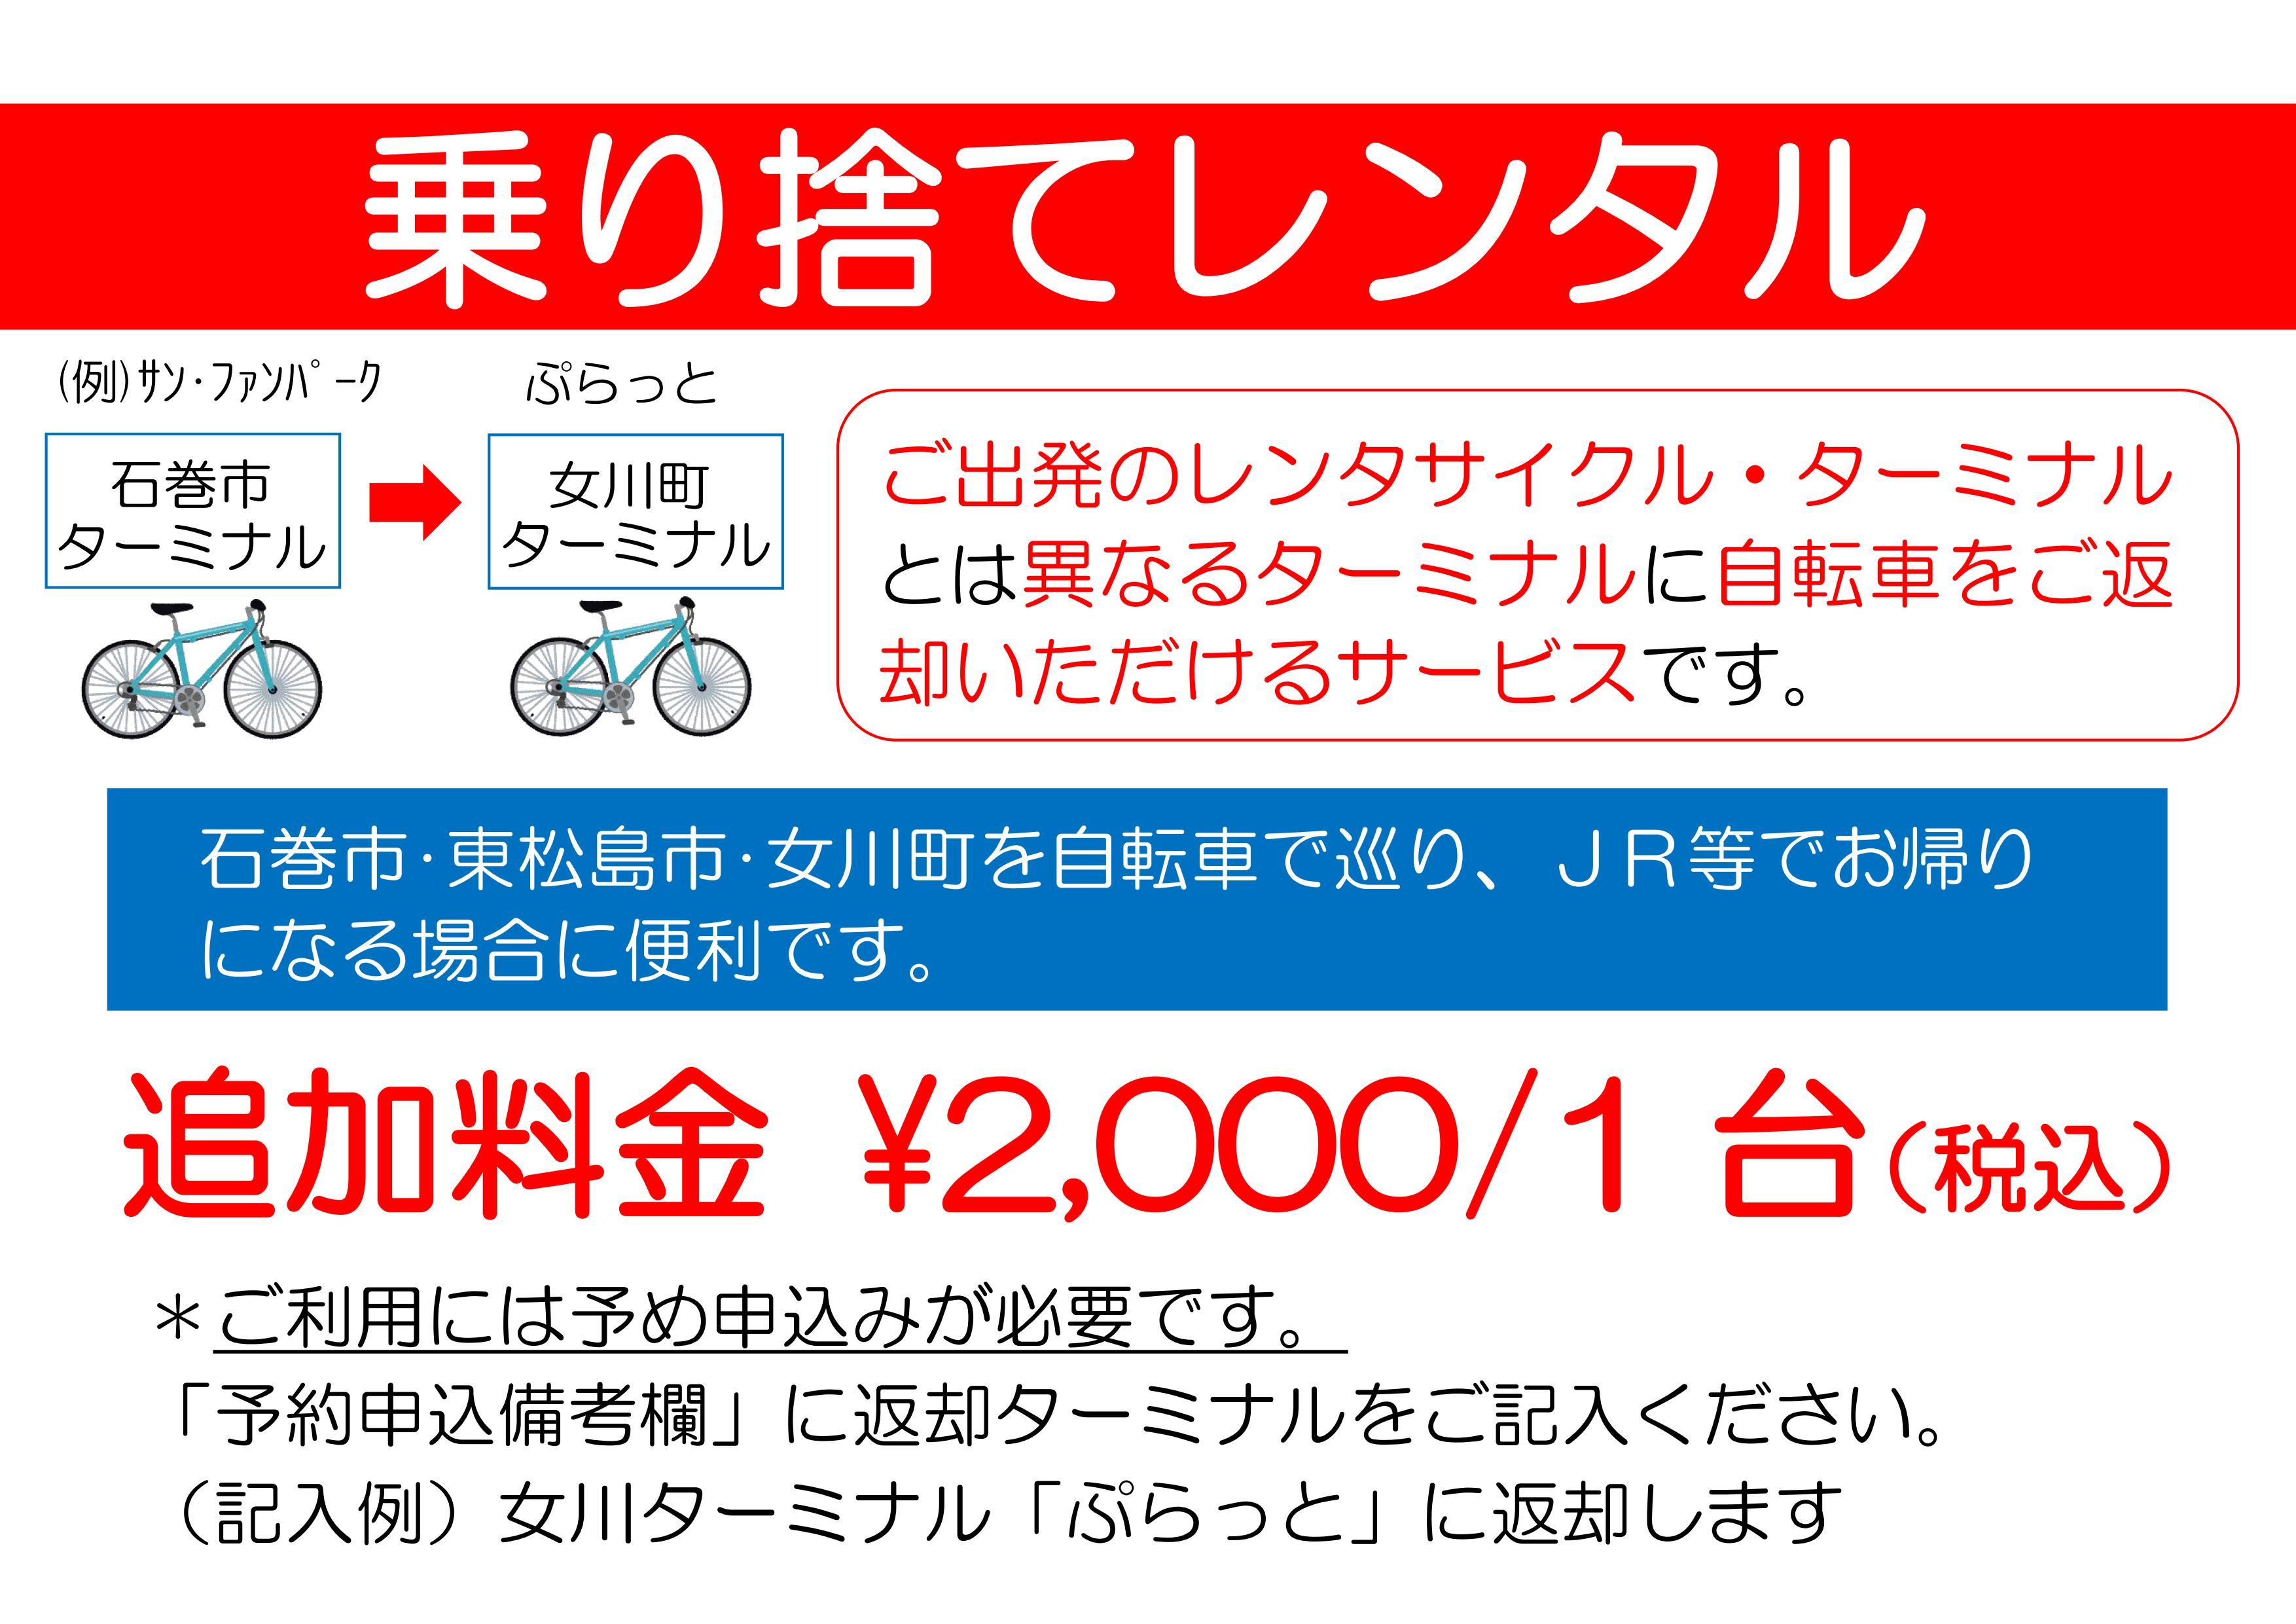 【東松島市】奥松島イートプラザ 一般Mタイプ 1日1台限定【コース番号:80602】